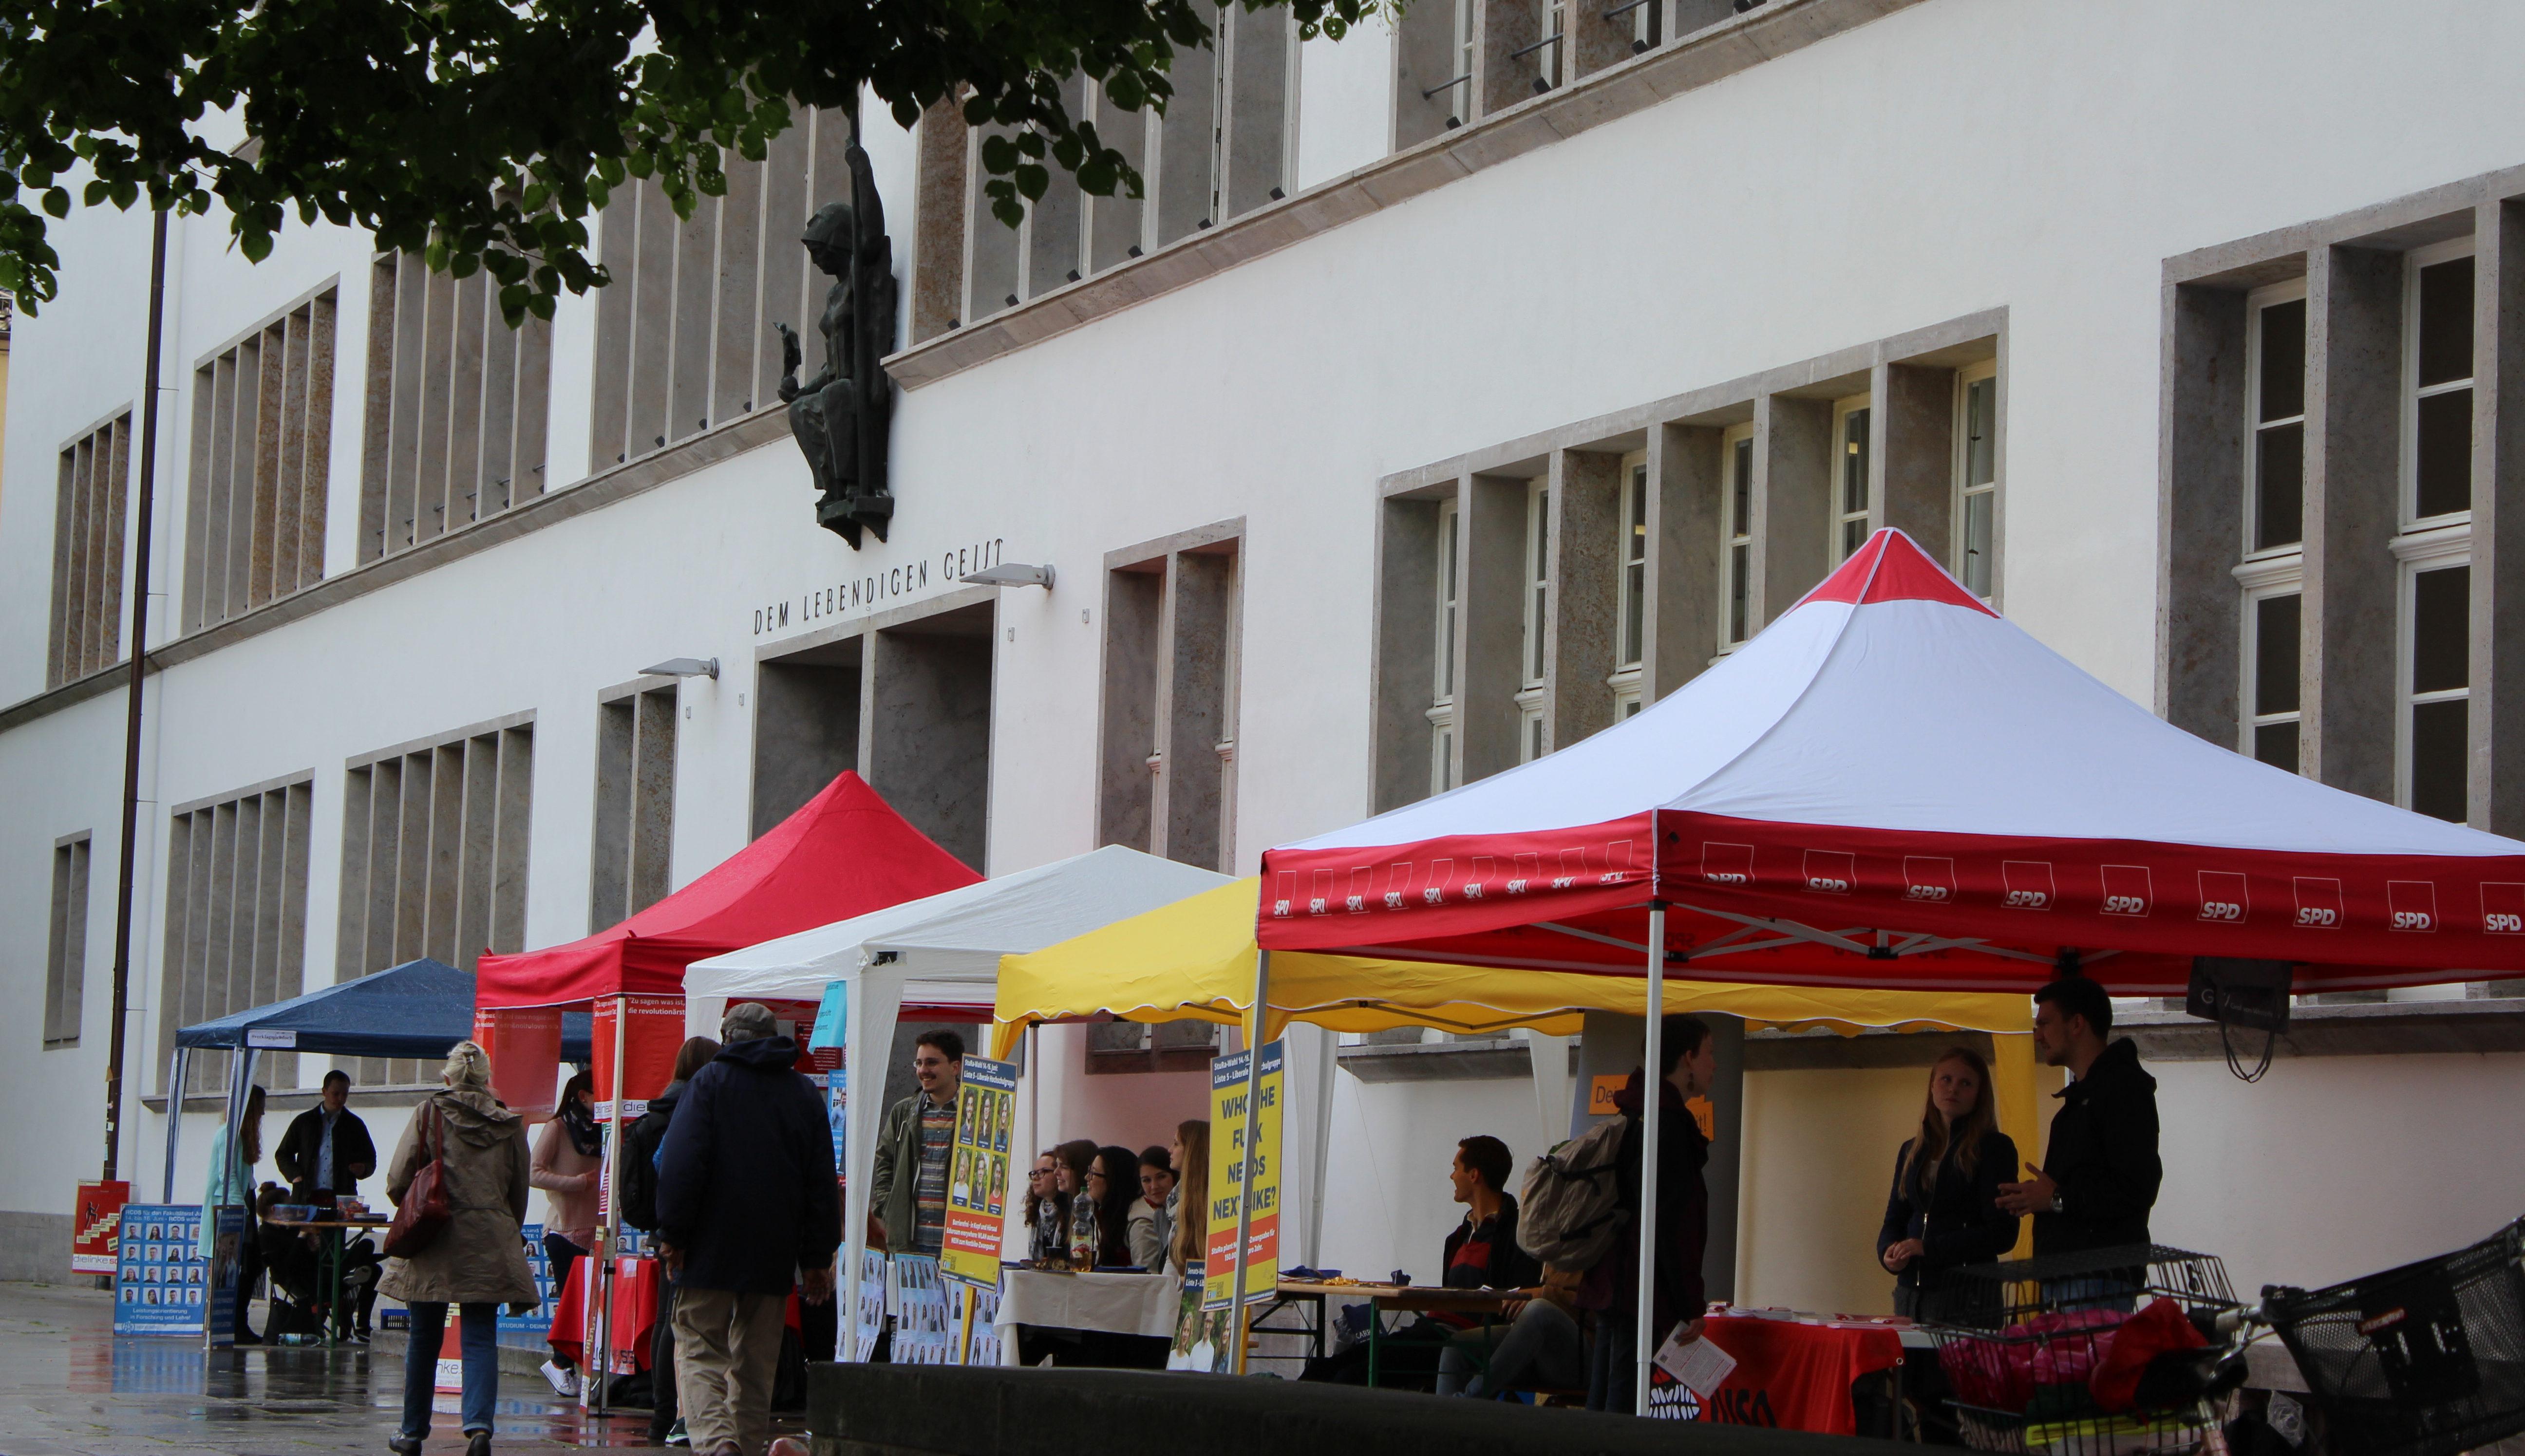 Wahlkampf im Regen. Vor der Neuen Uni ringen die Listen um die Gunst ihrer Wählerinnen und Wähler. Bild: Hannah Lena Puschnig.